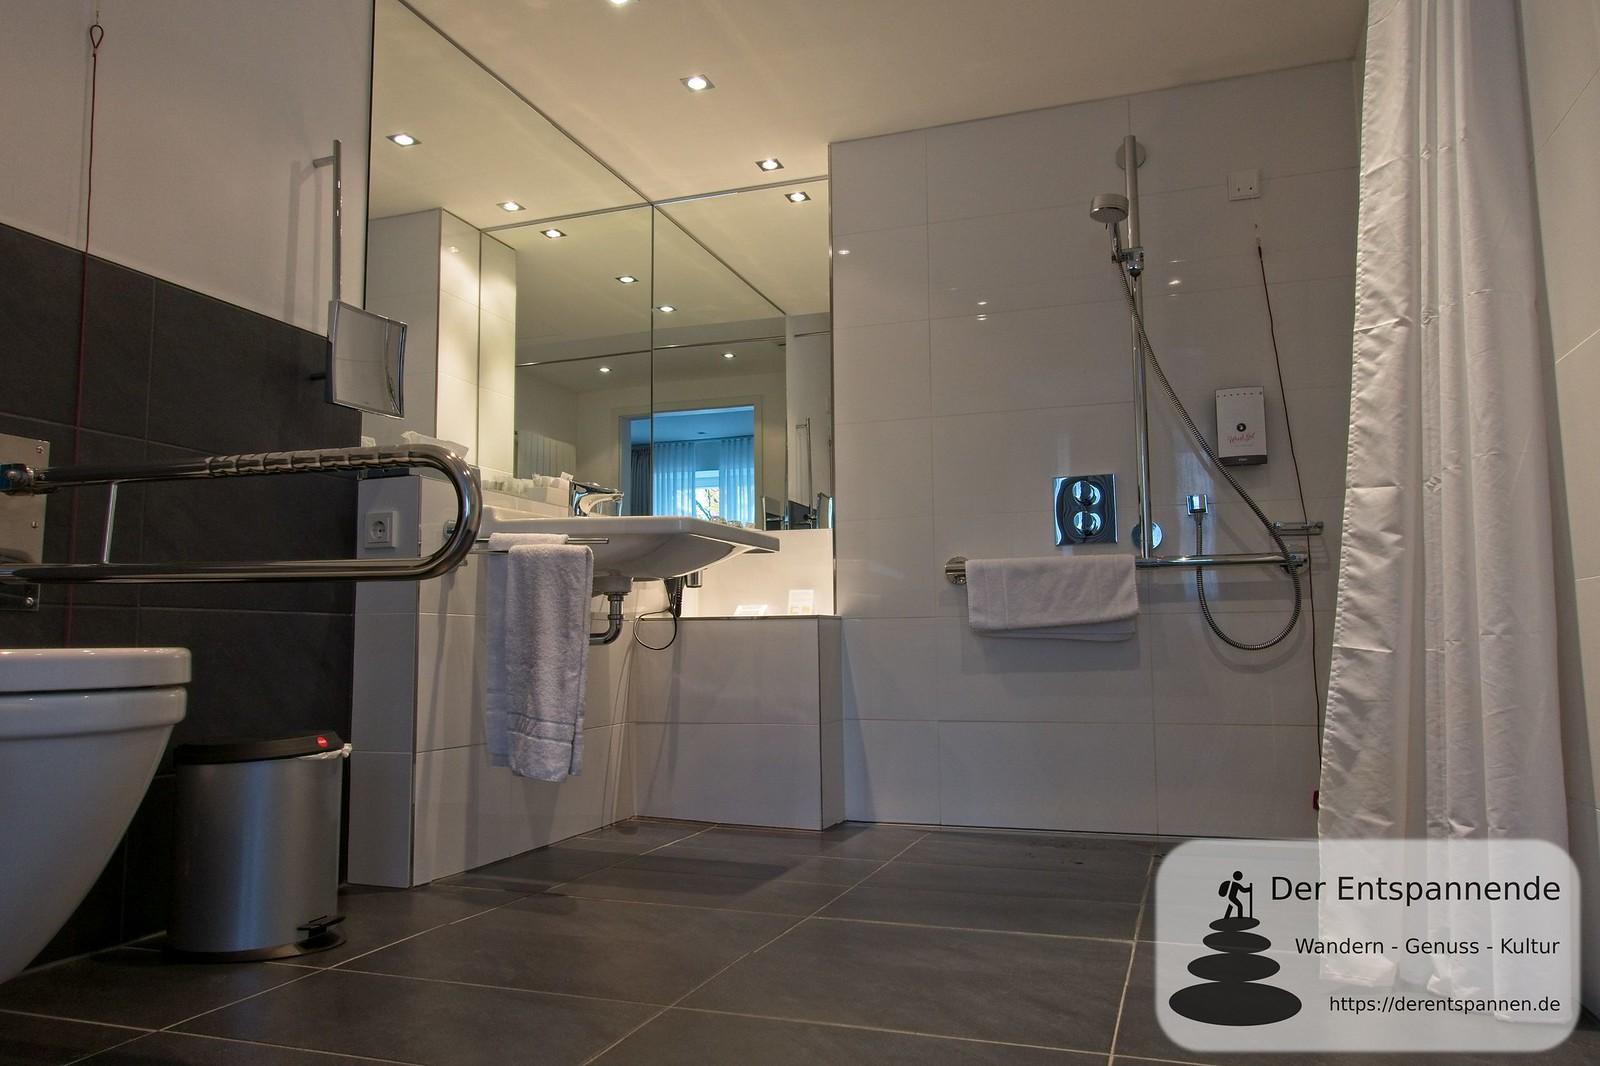 Badezimmer des barrierefreien Zimmers im Hotel im Schulhaus (Lorch)